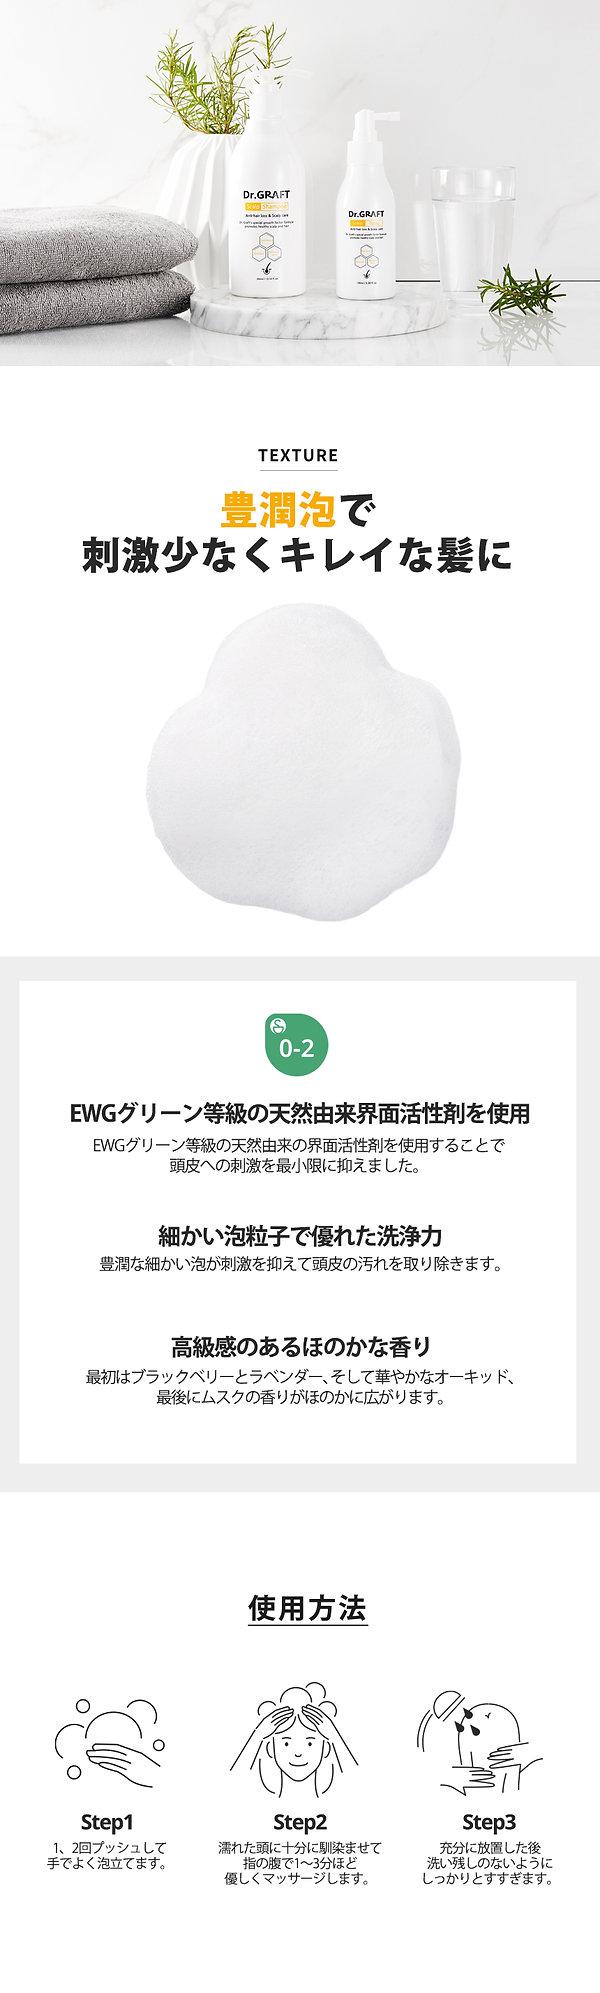 05_jp_scalp shampoo修正.jpg